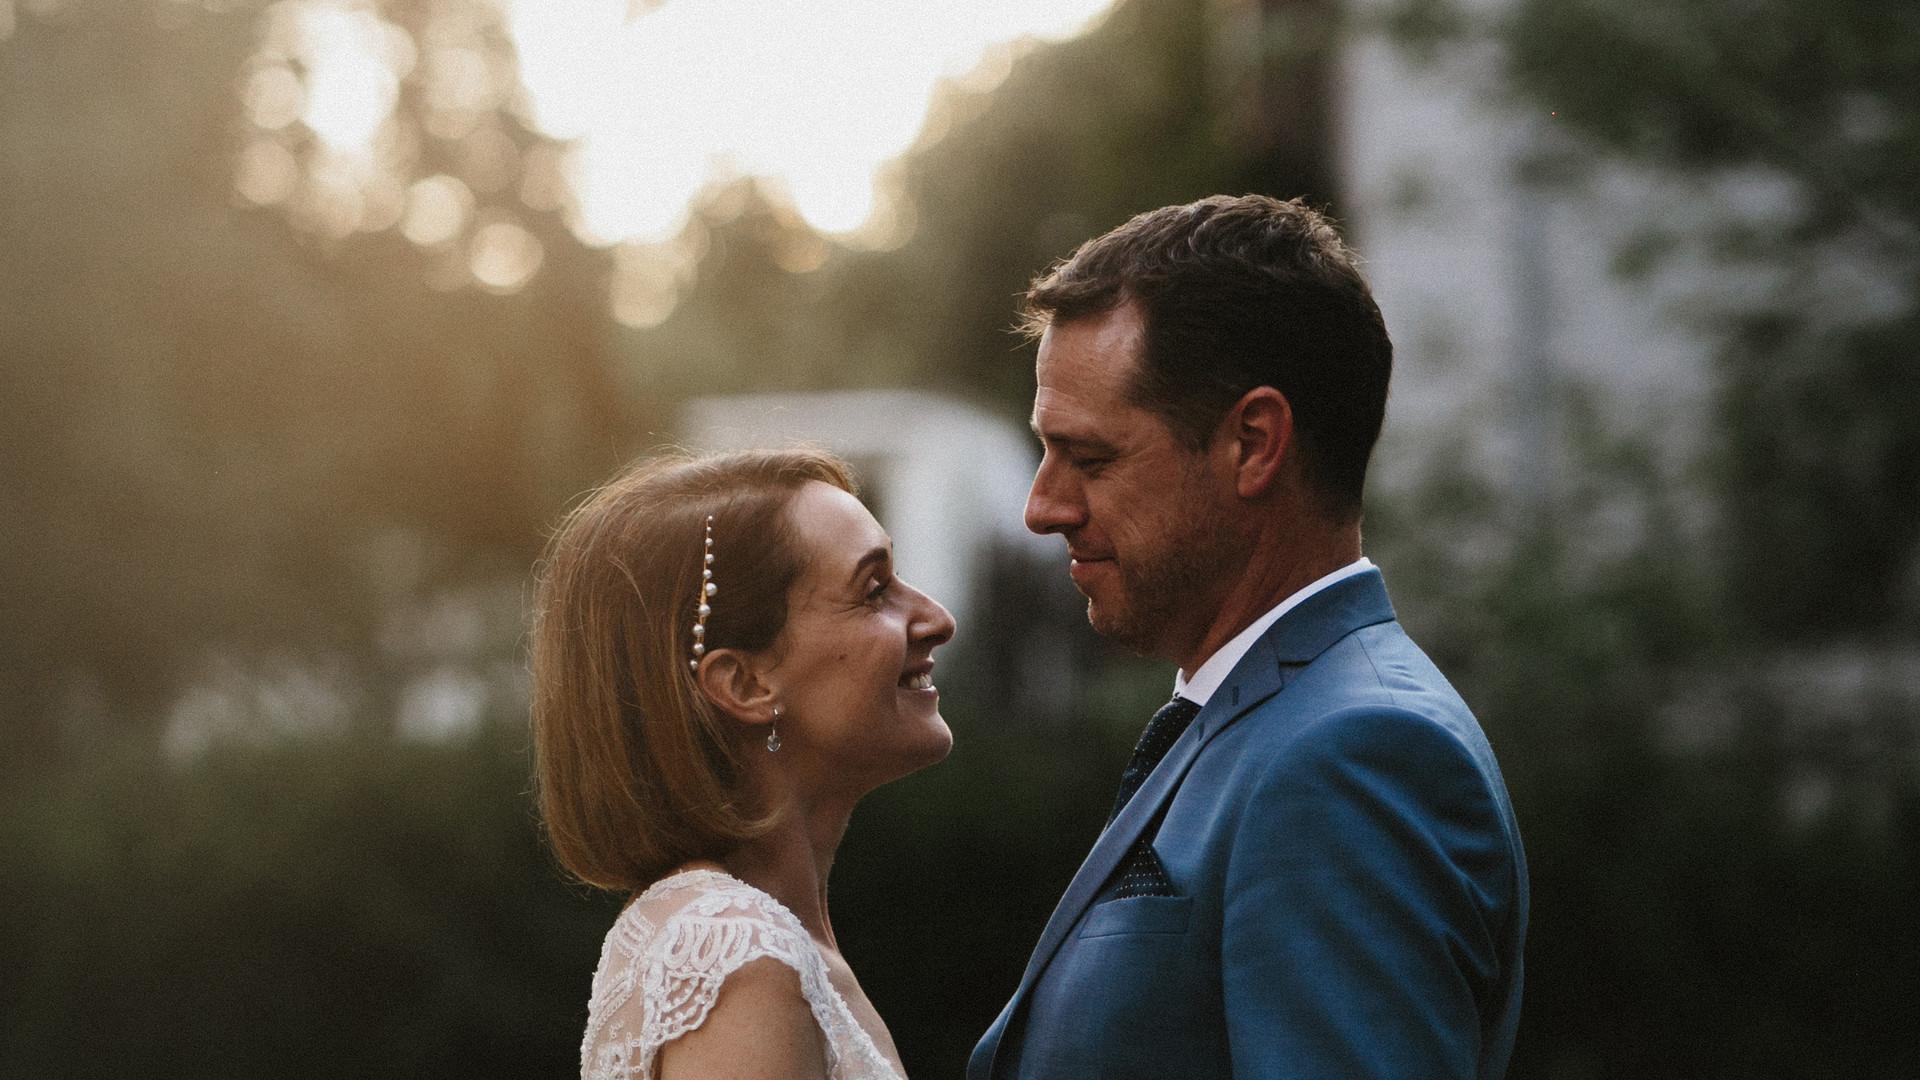 Berlin wedding couple